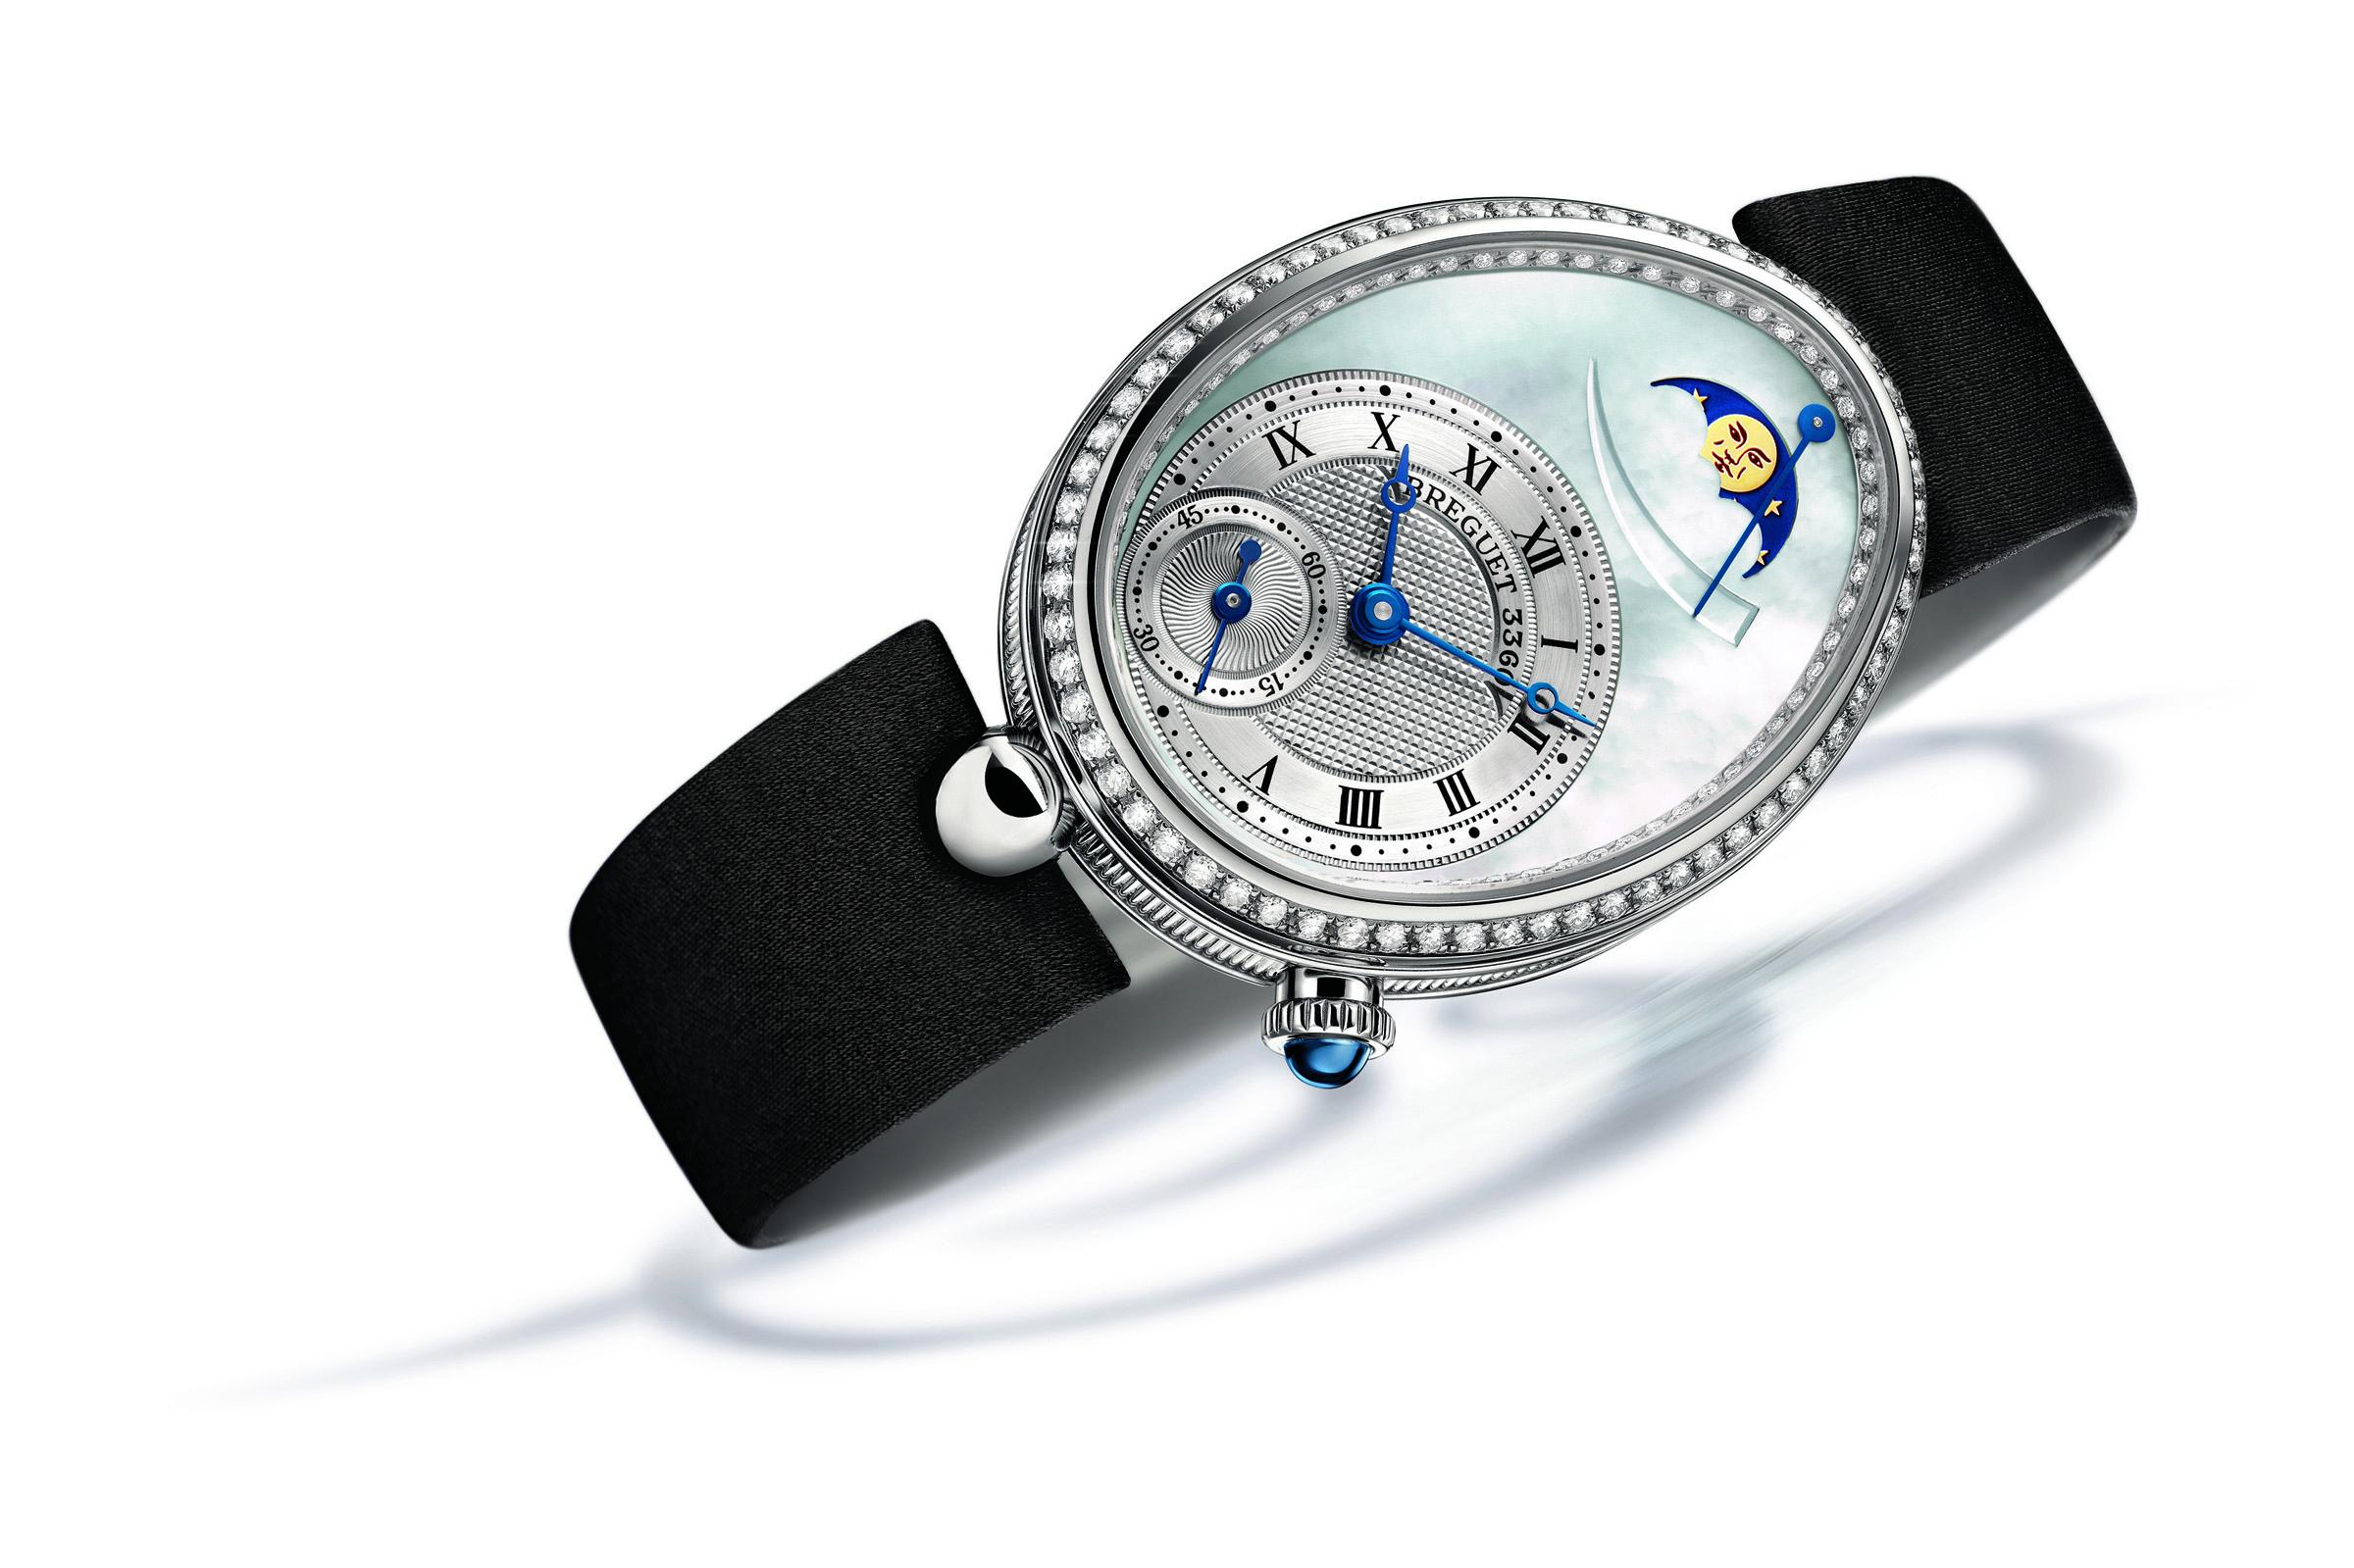 Breguet Ladies Watch- Reine de Naples Collection